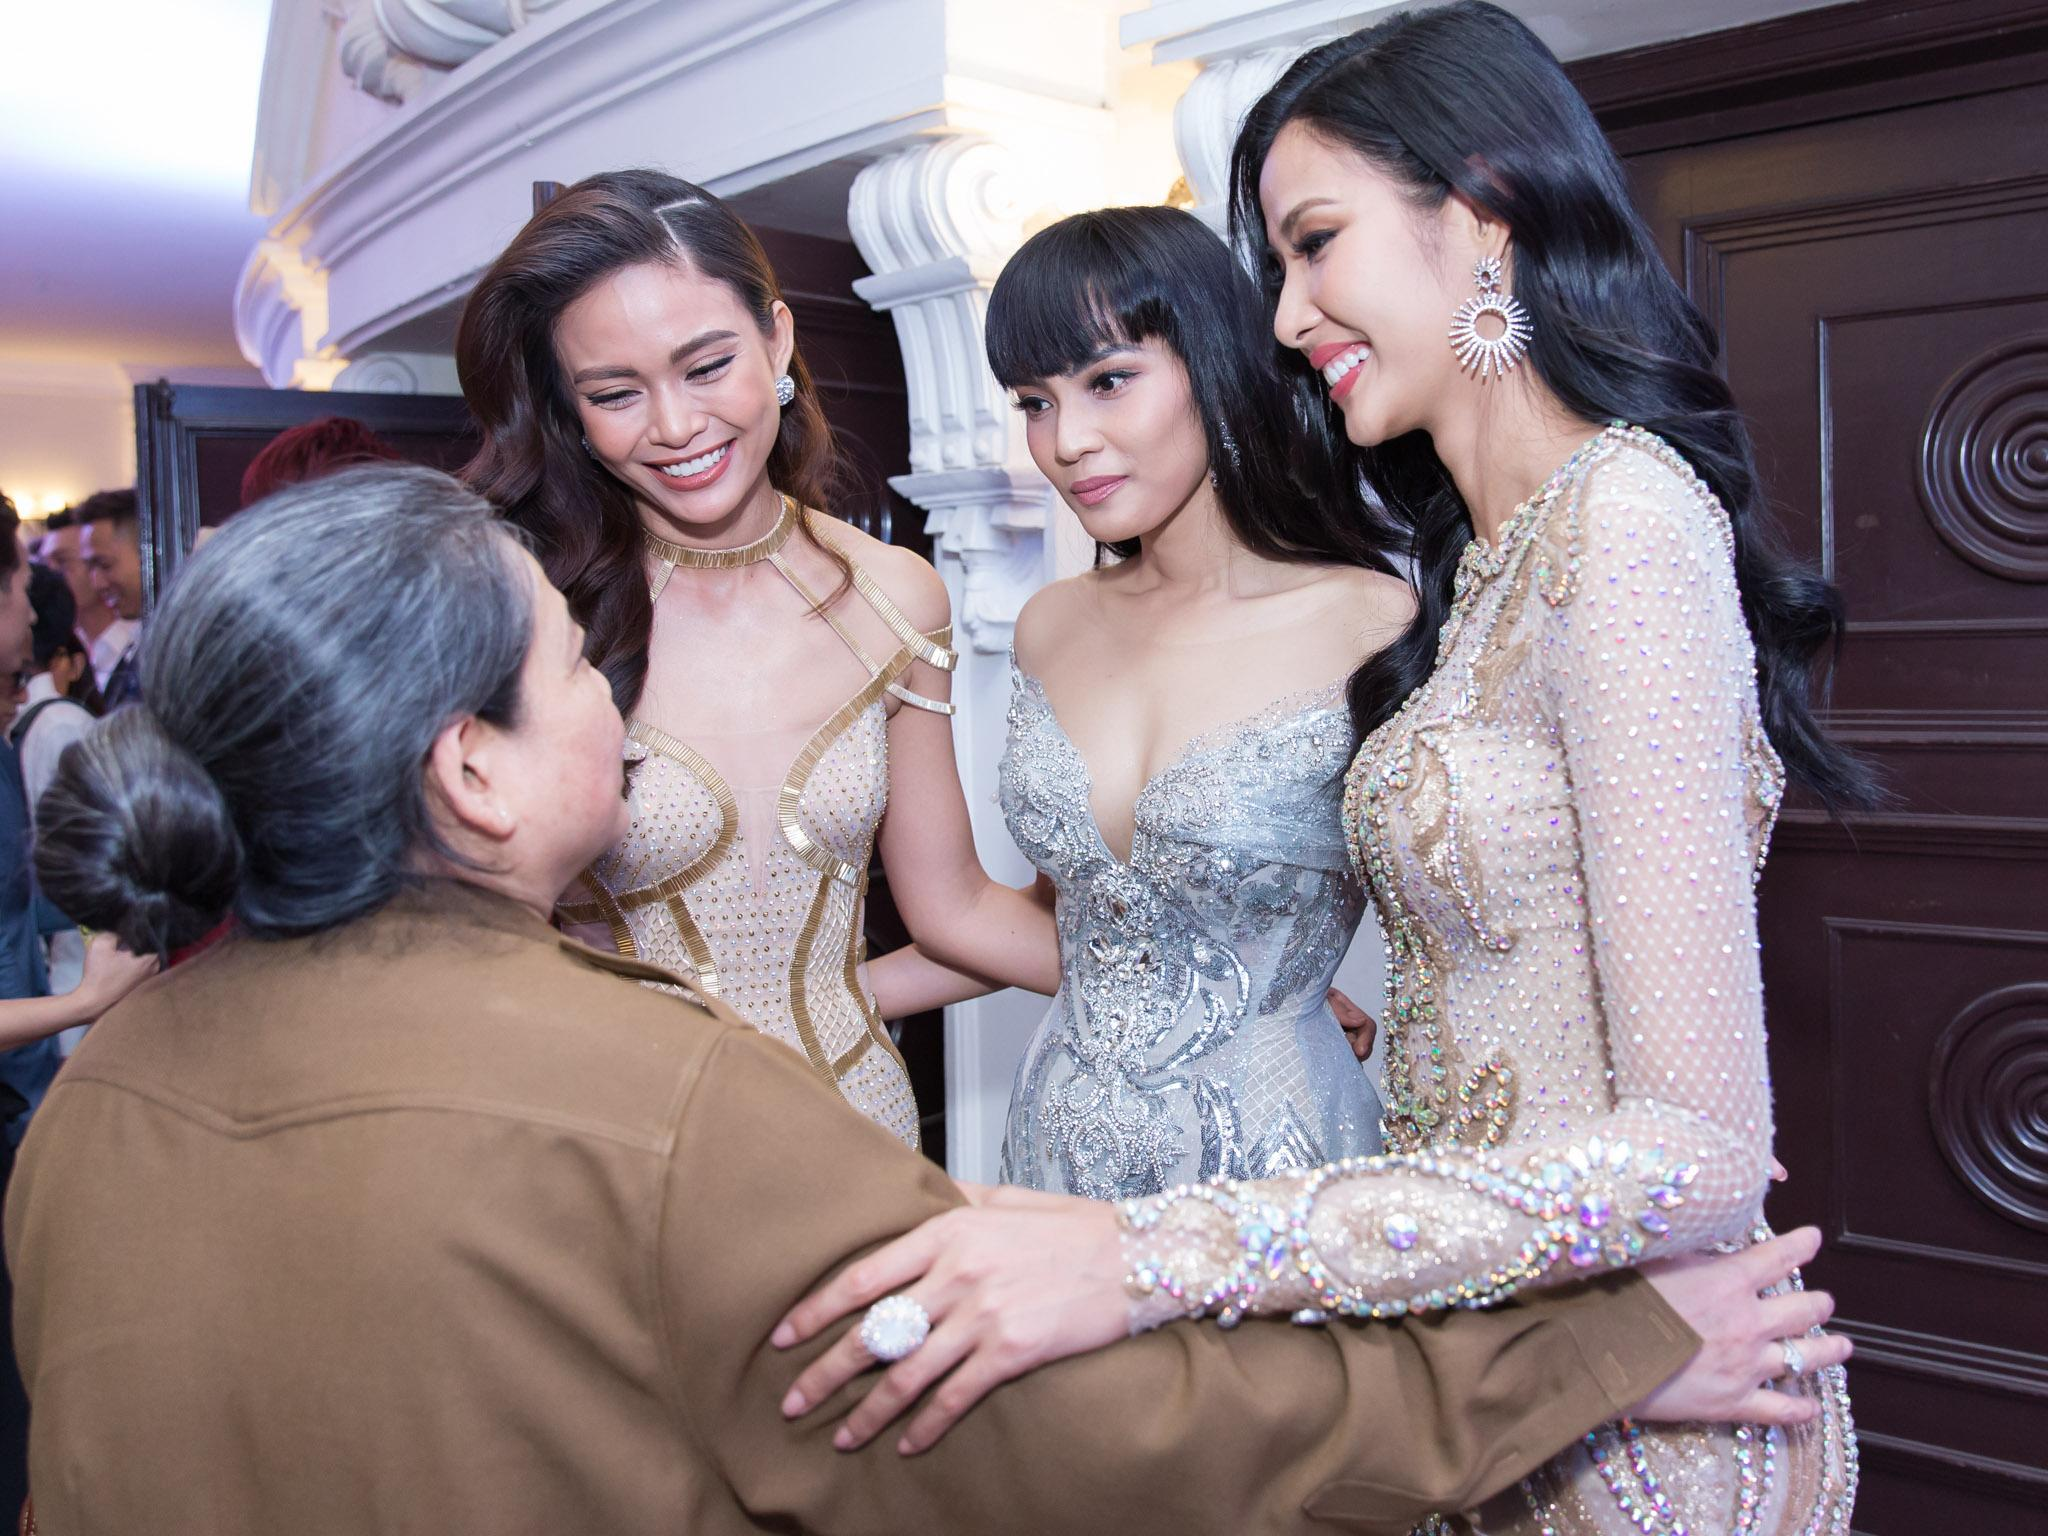 Hoa hậu HHen Niê đọ sắc cùng Hoàng Thùy và Mâu Thủy trên thảm đỏ Ngôi sao xanh-3